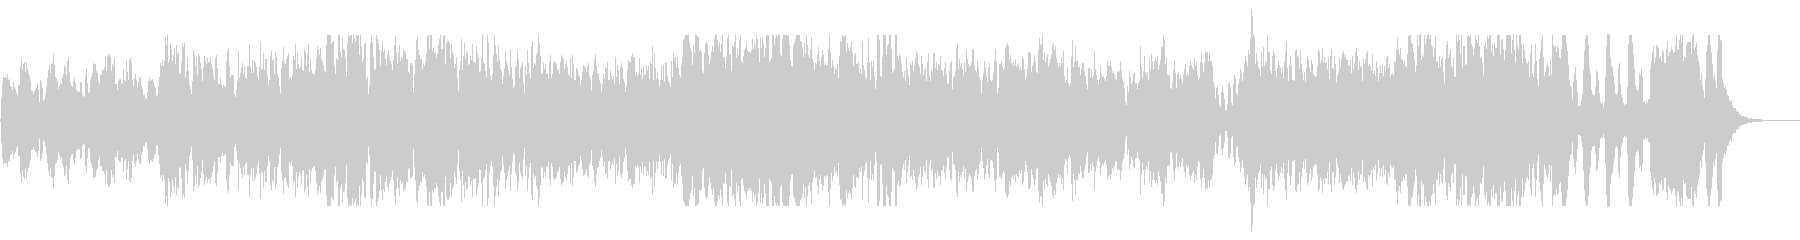 メルヘンなオープニングオーケストラの未再生の波形